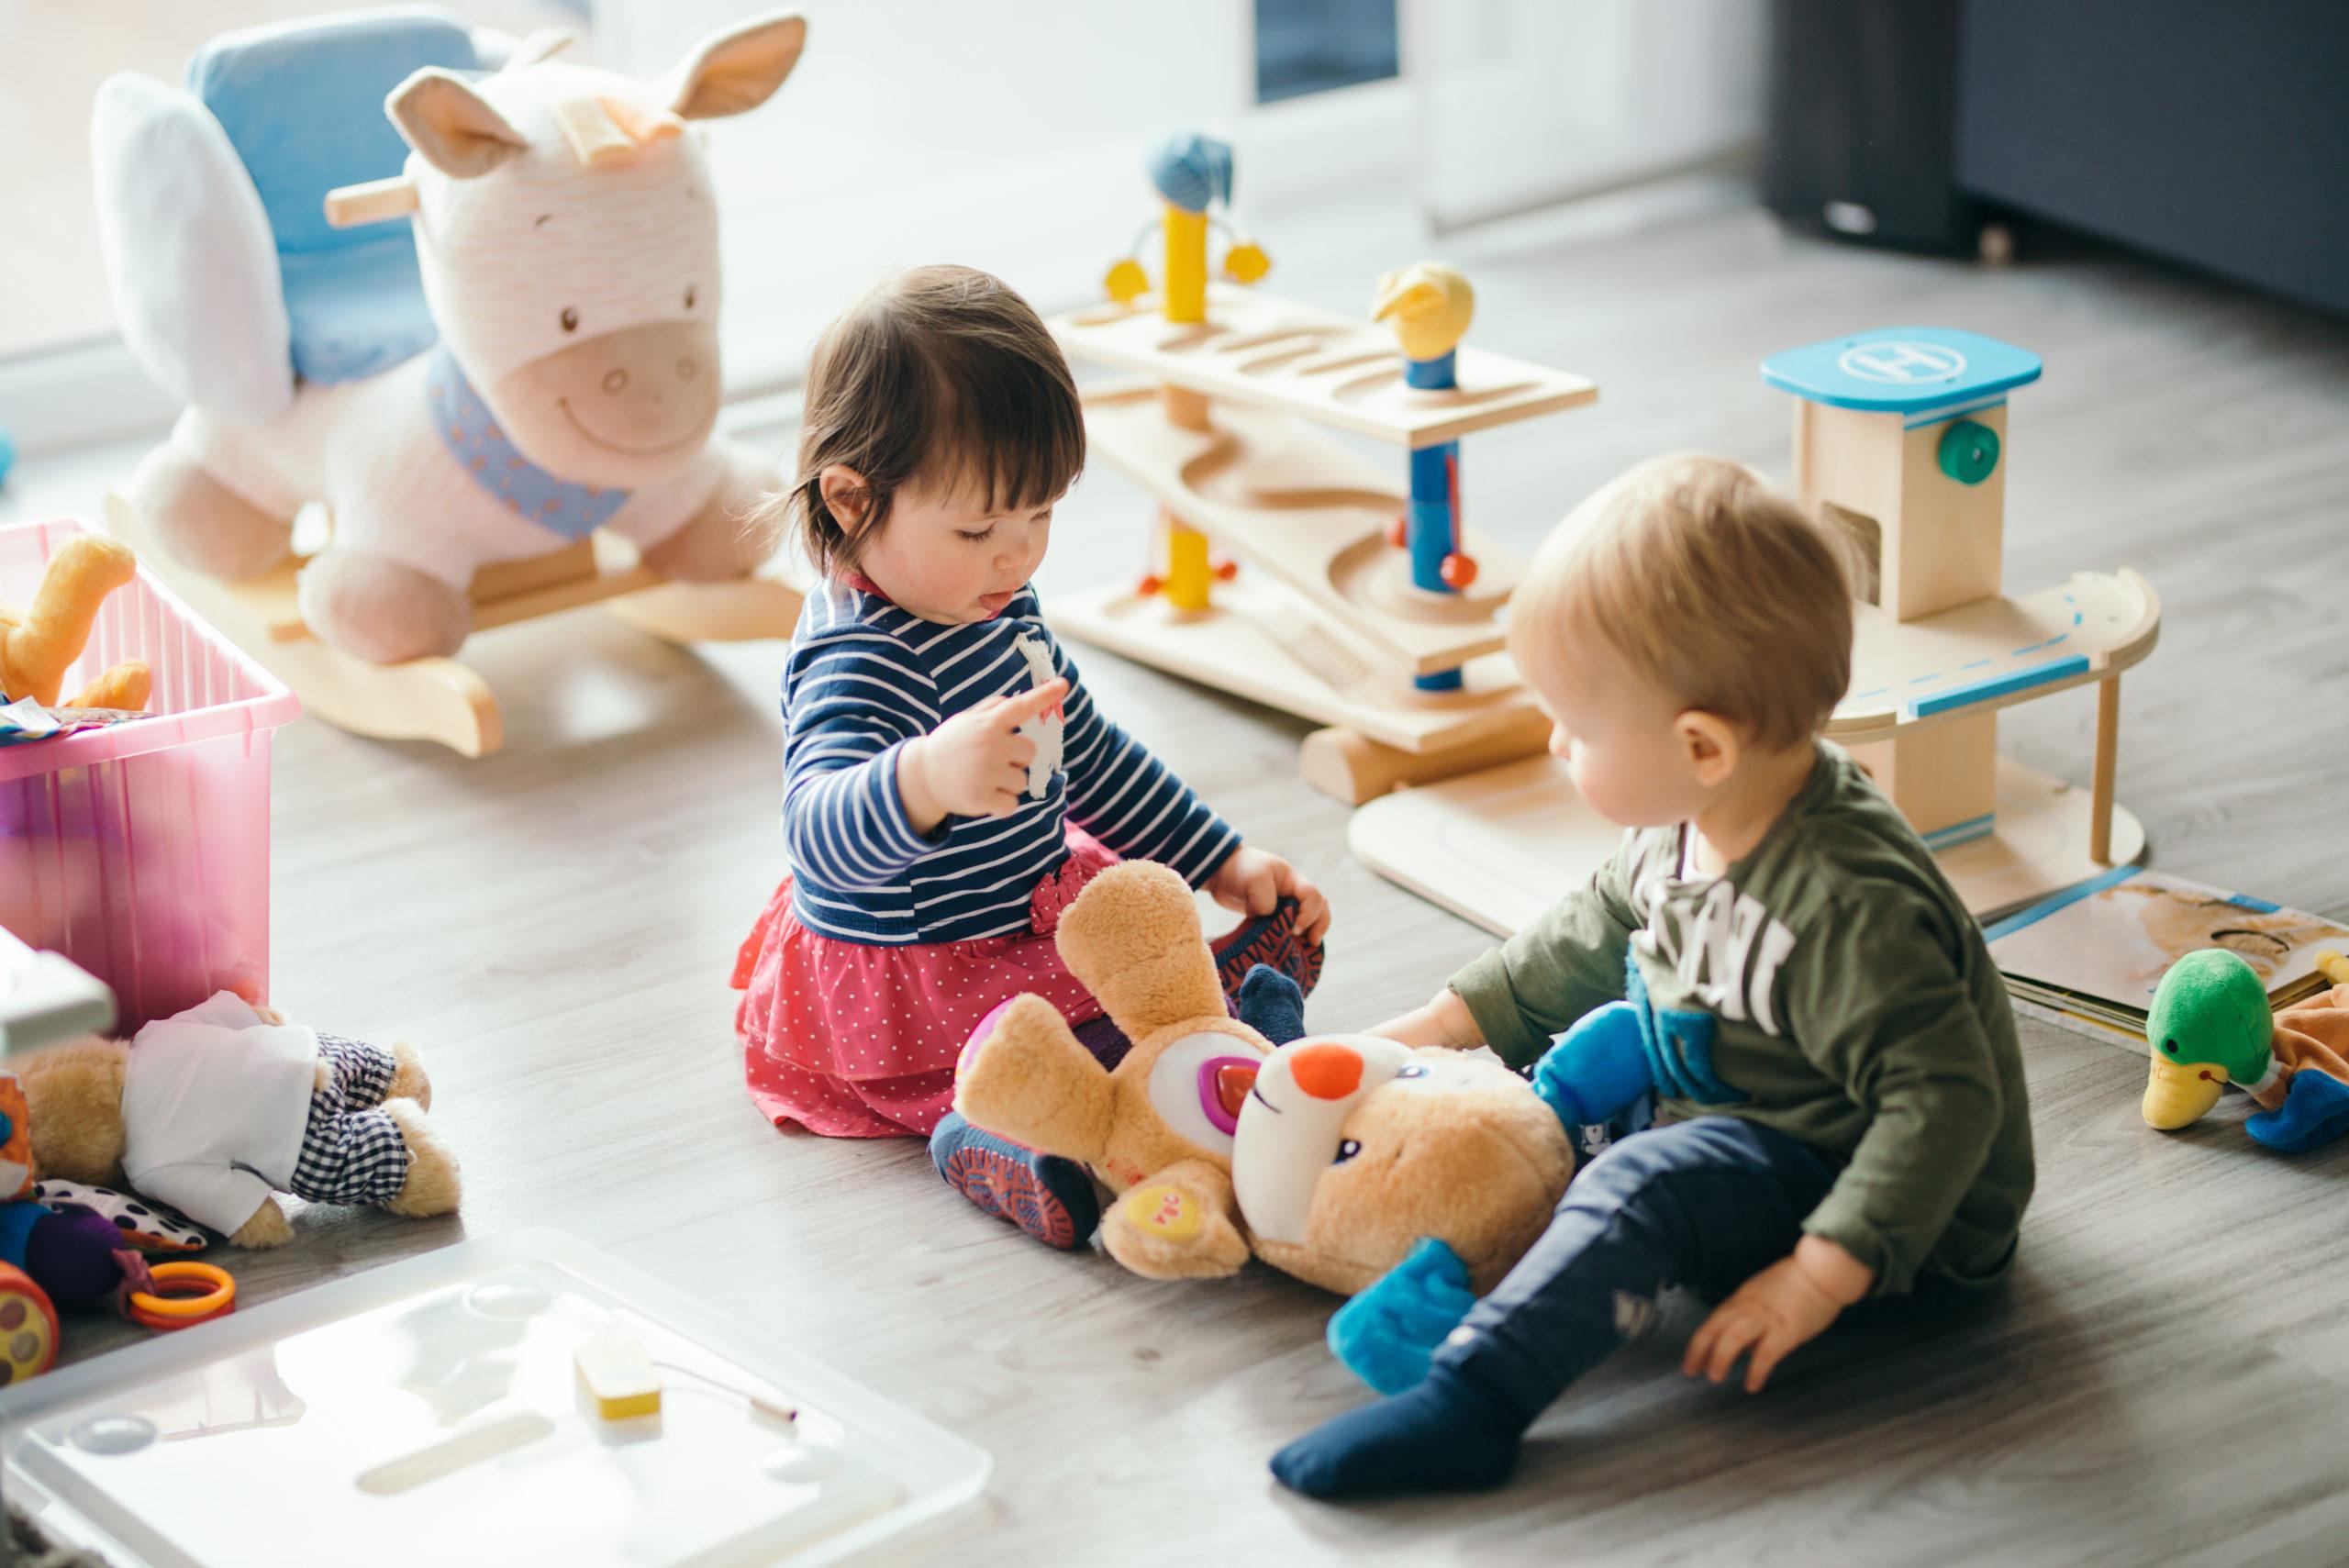 Детская комната, детская комната для мальчика, детская комната для девочки, интерьер детской комнаты